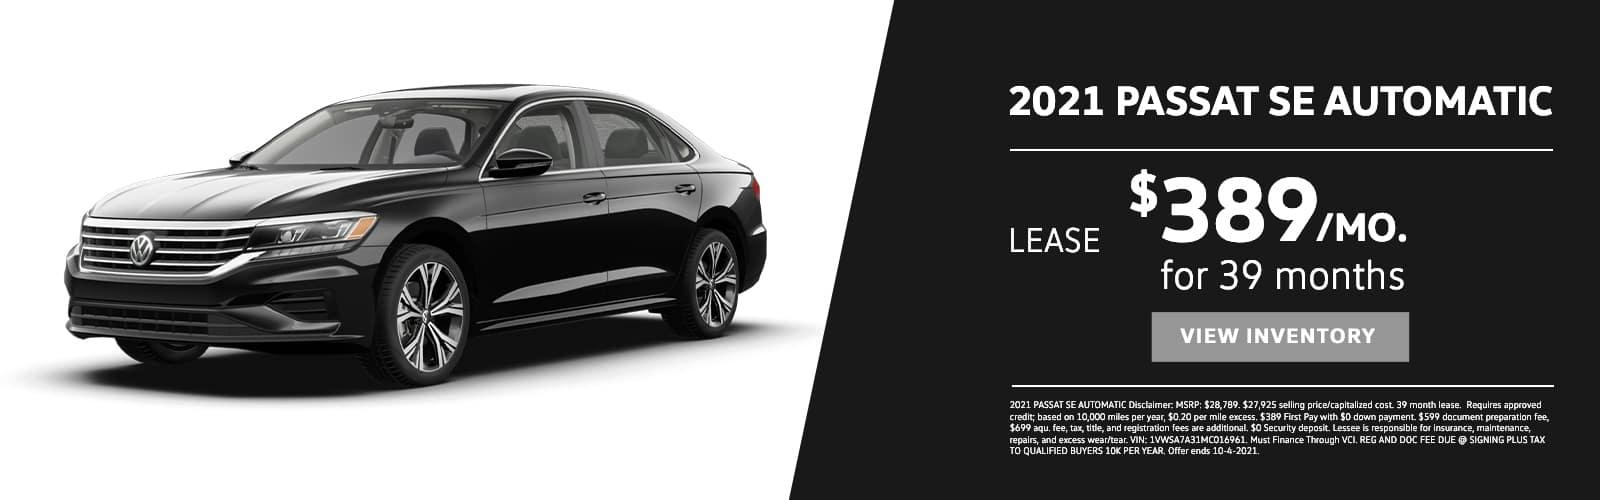 EAG_VW_2021 PASSAT SE AUTOMATIC